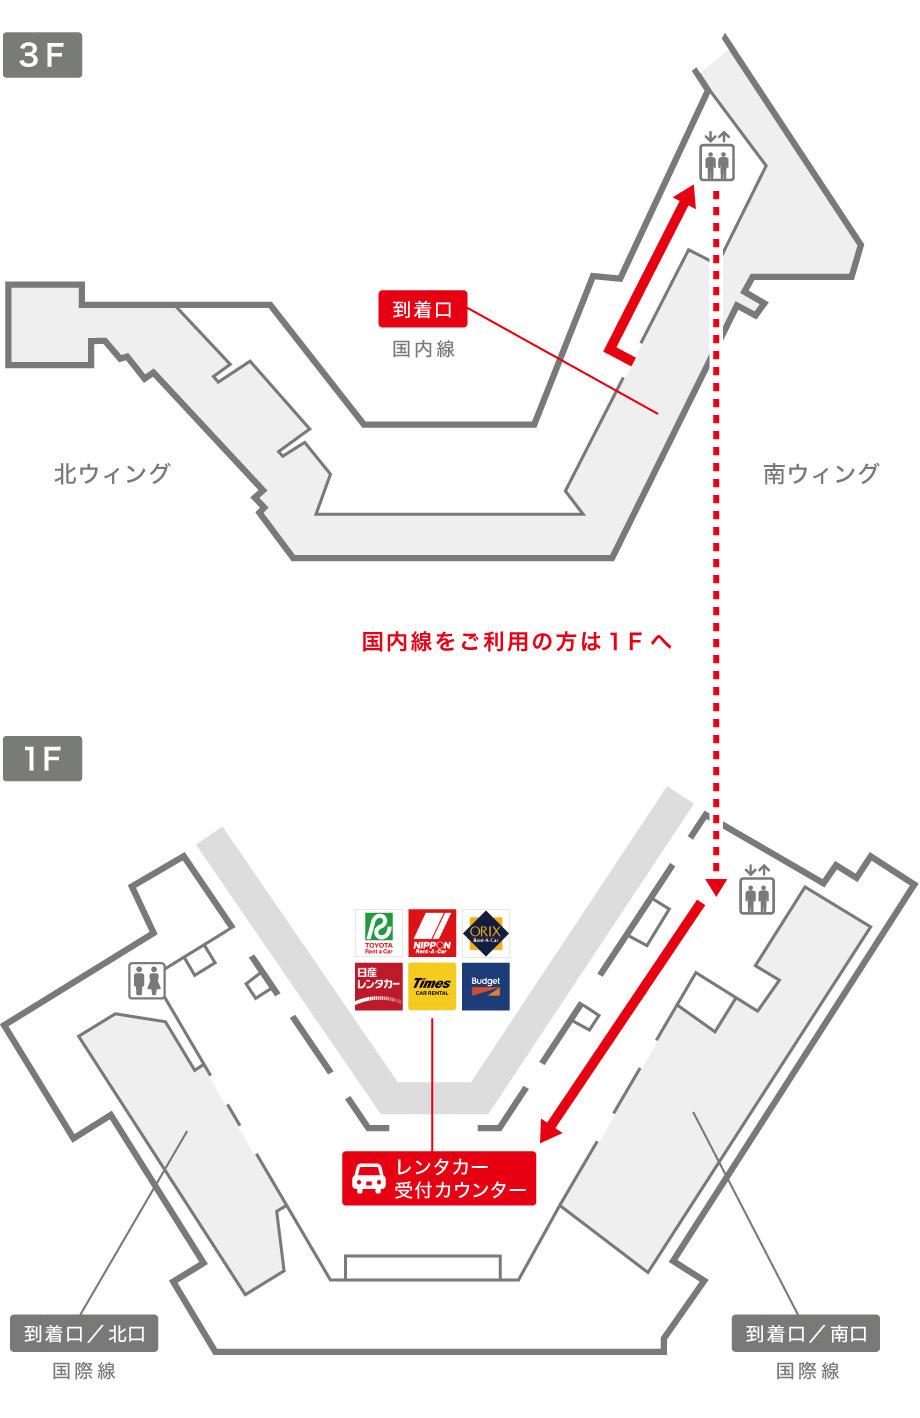 成田空港第一ターミナルレンタカー受付カウンター案内図